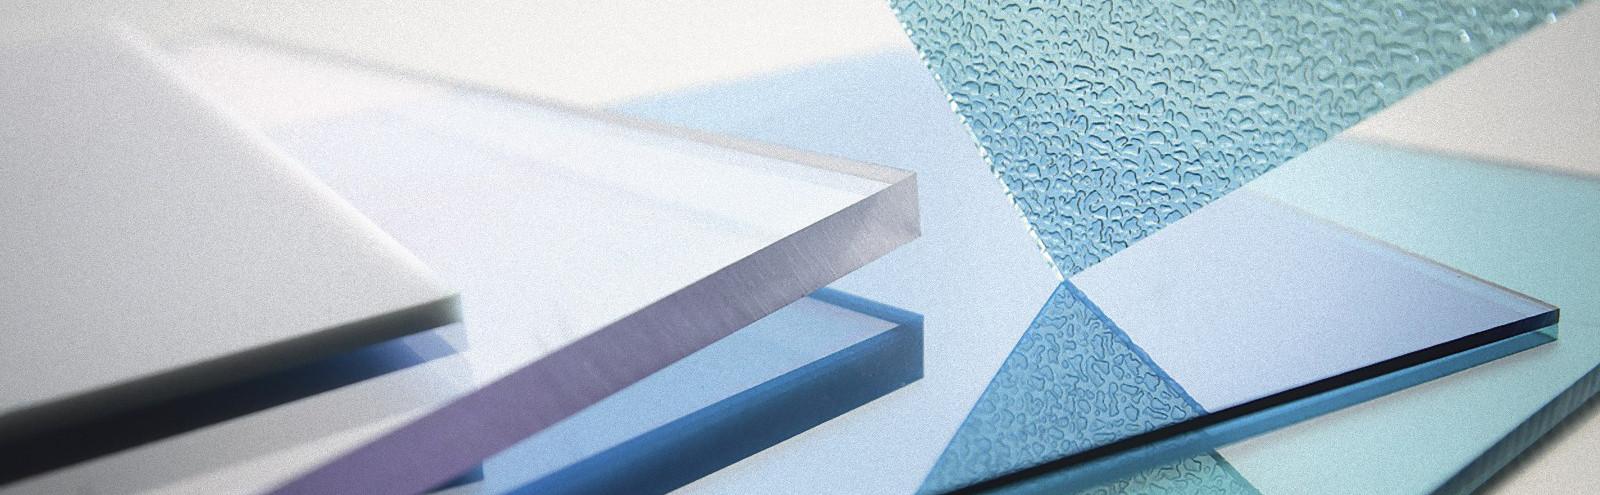 Tấm nhựa PC dạng đặc thương hiệu Solarflat chính hãng